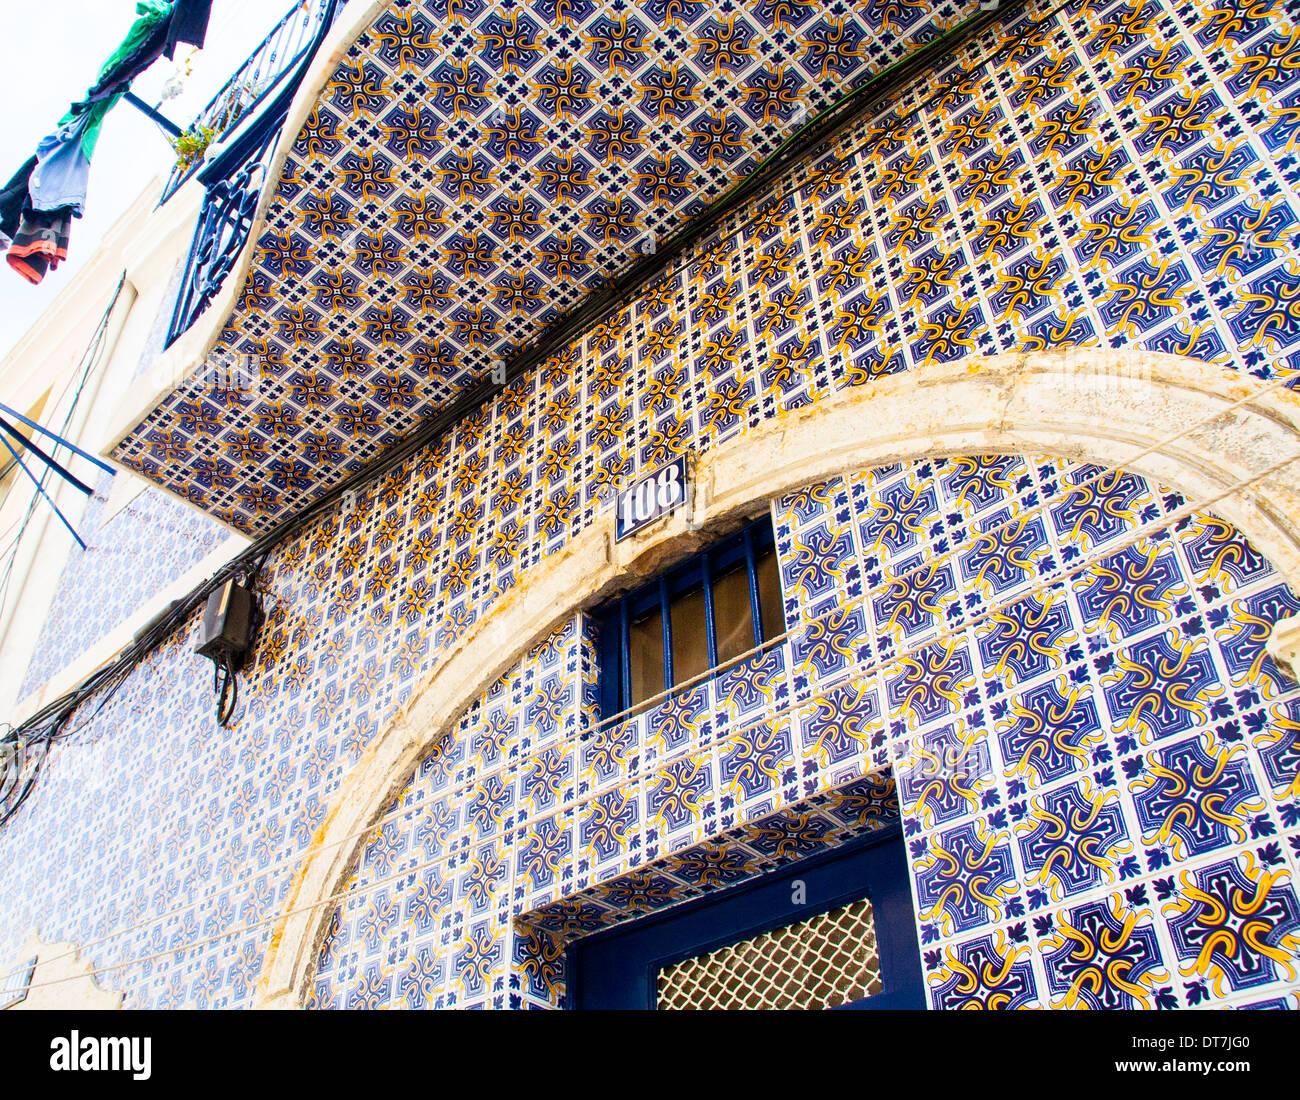 Fassade Fliesen Für Ein Haus In Amalfa Lissabon Altstadt Stockfoto - Fassaden fliesen kaufen